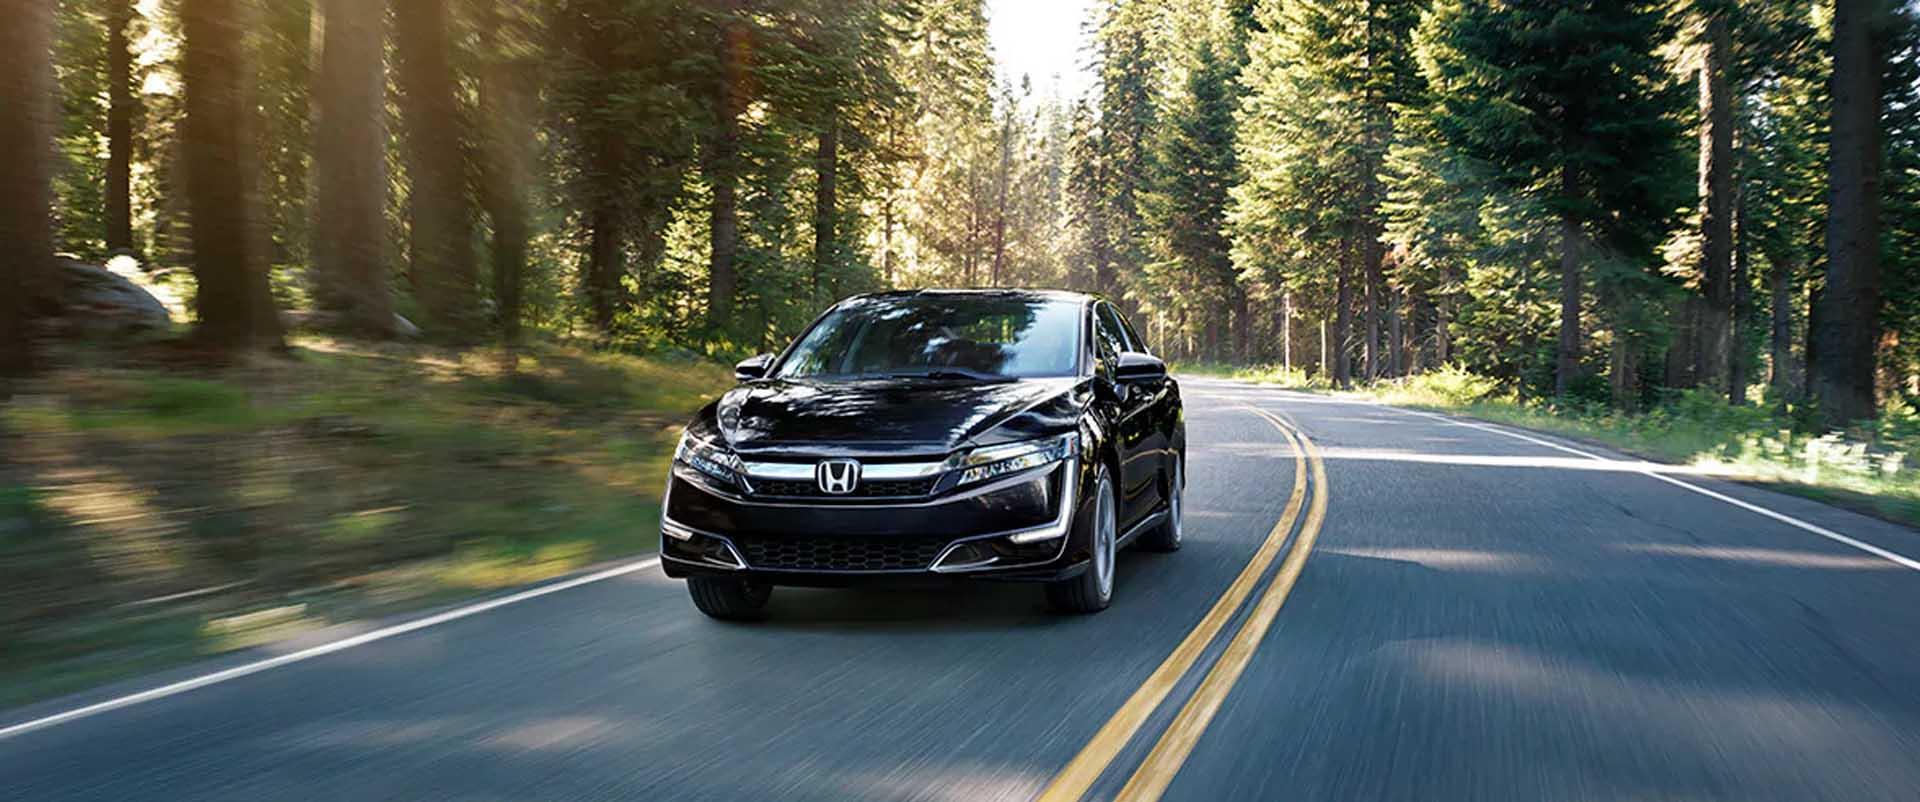 Best Honda Sedan